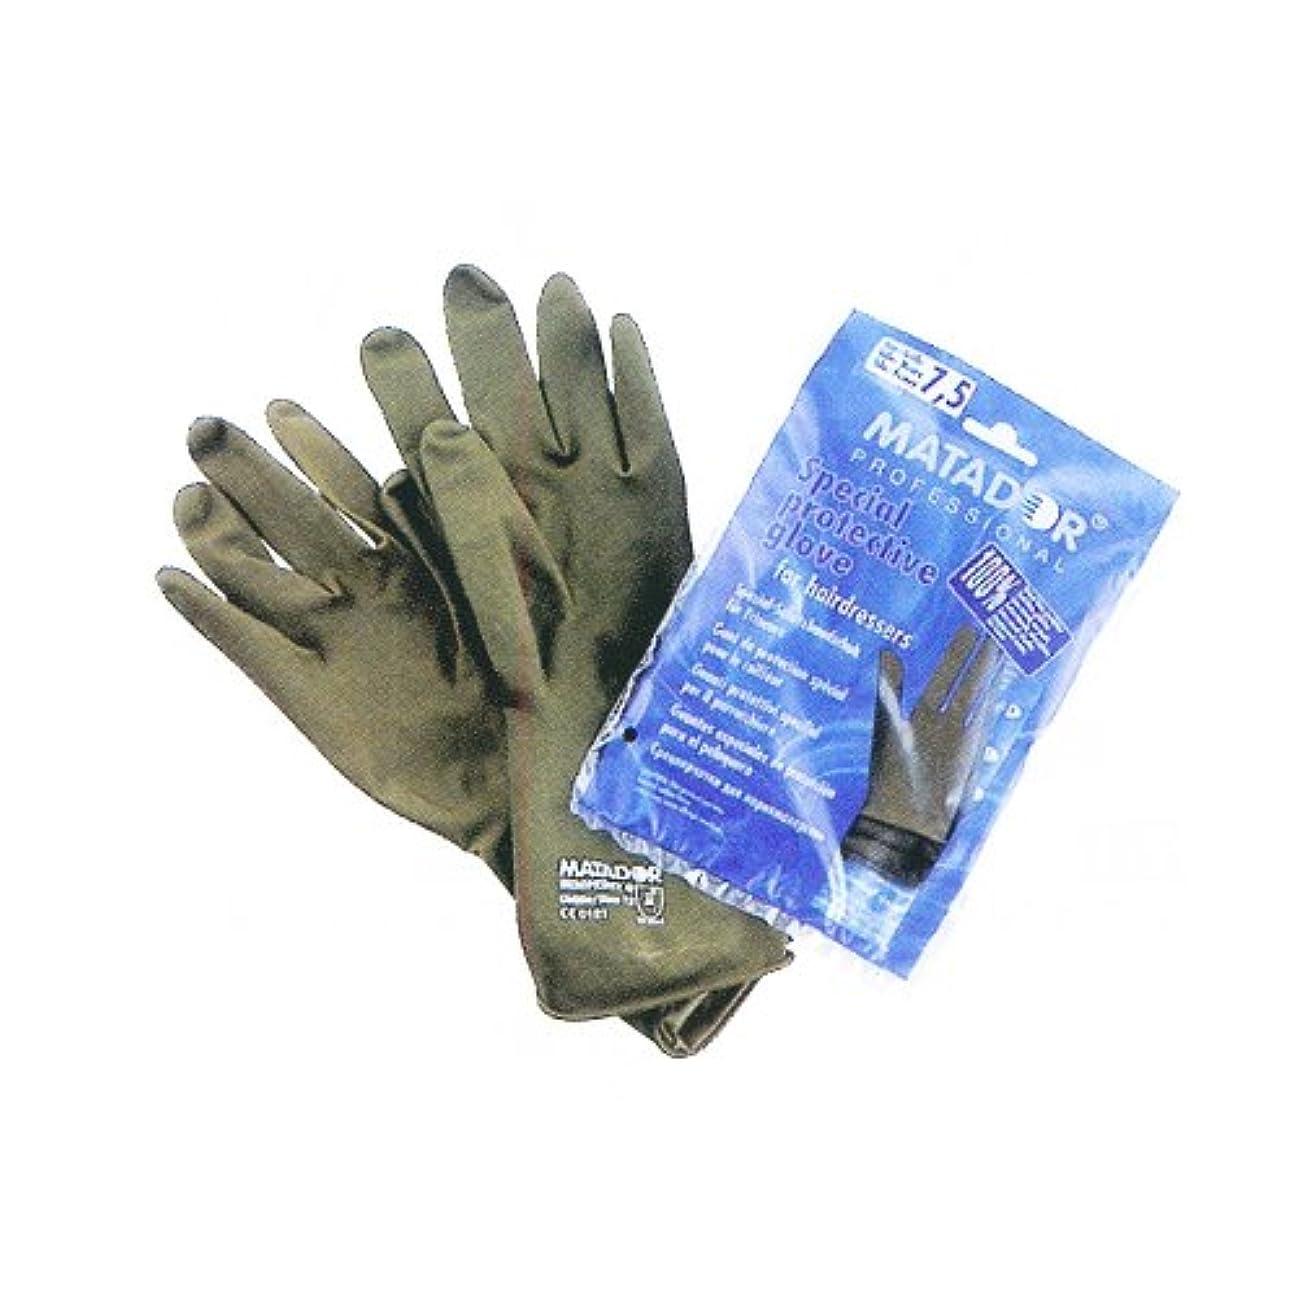 ティッシュ範囲発揮するマタドールゴム手袋 7.0吋